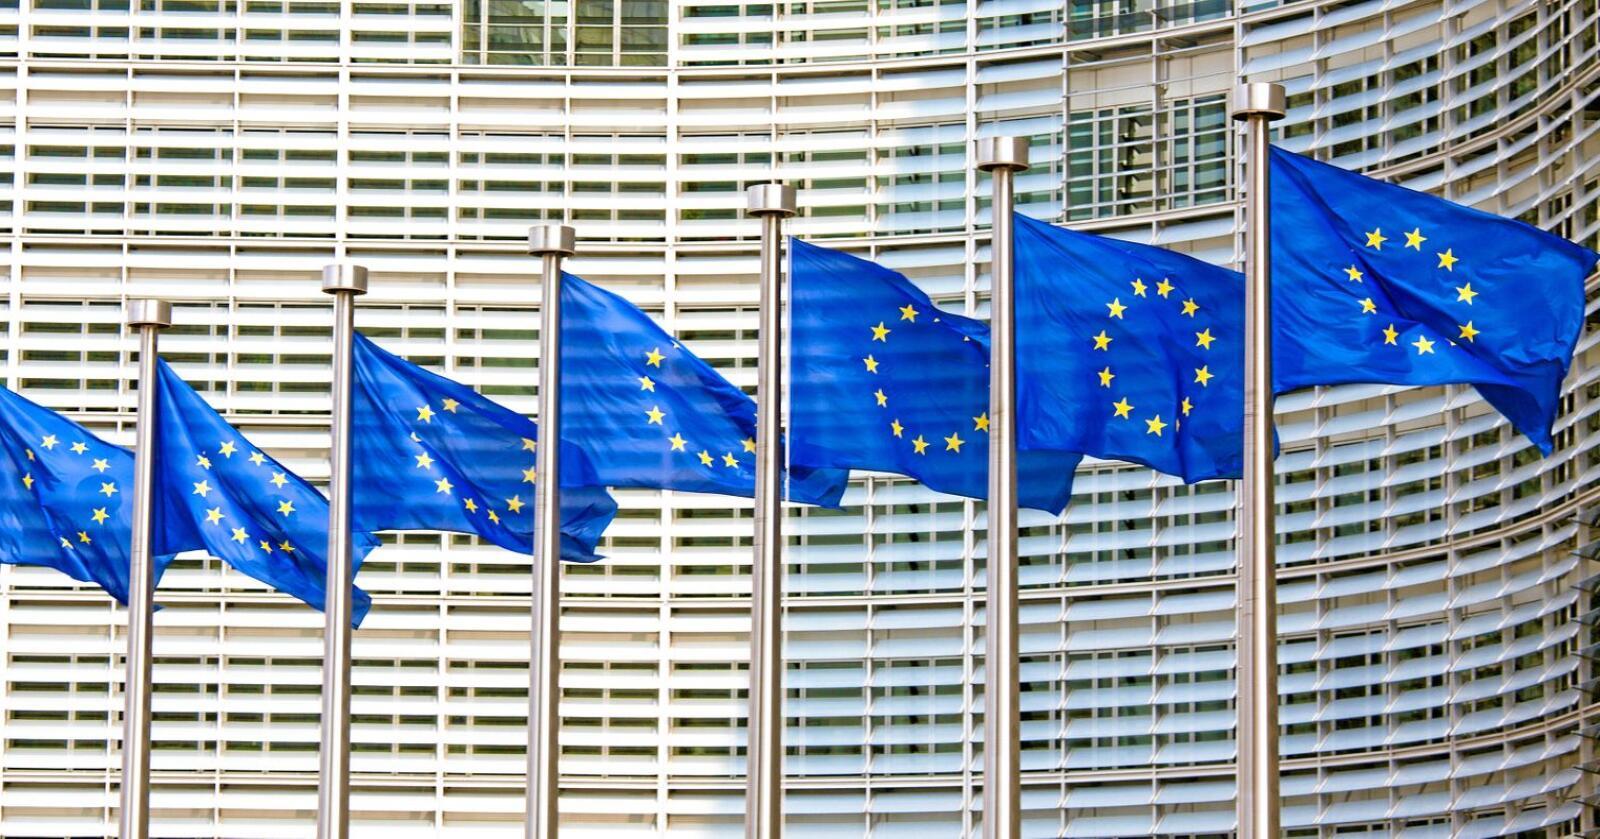 EU-blått: Finanstilsynet ser blått og lammer boligbyggingen i distriktene med urimelige kapitalkrav til lokalbankene.  Foto: jorisvo/Mosthphotos